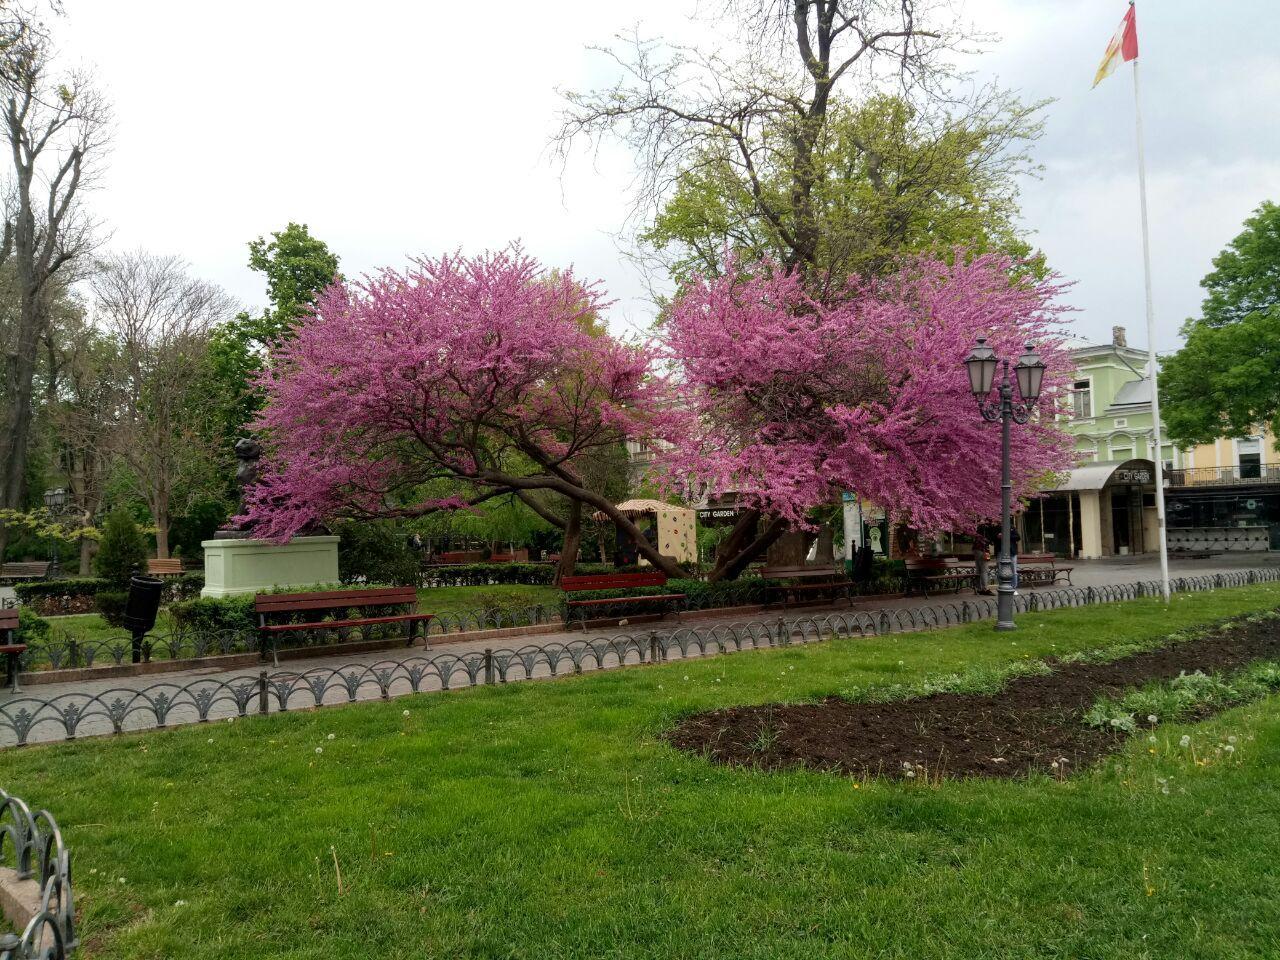 Иудино дерево в цвету до того, как оно сломалось. Фото— Ginger Q.